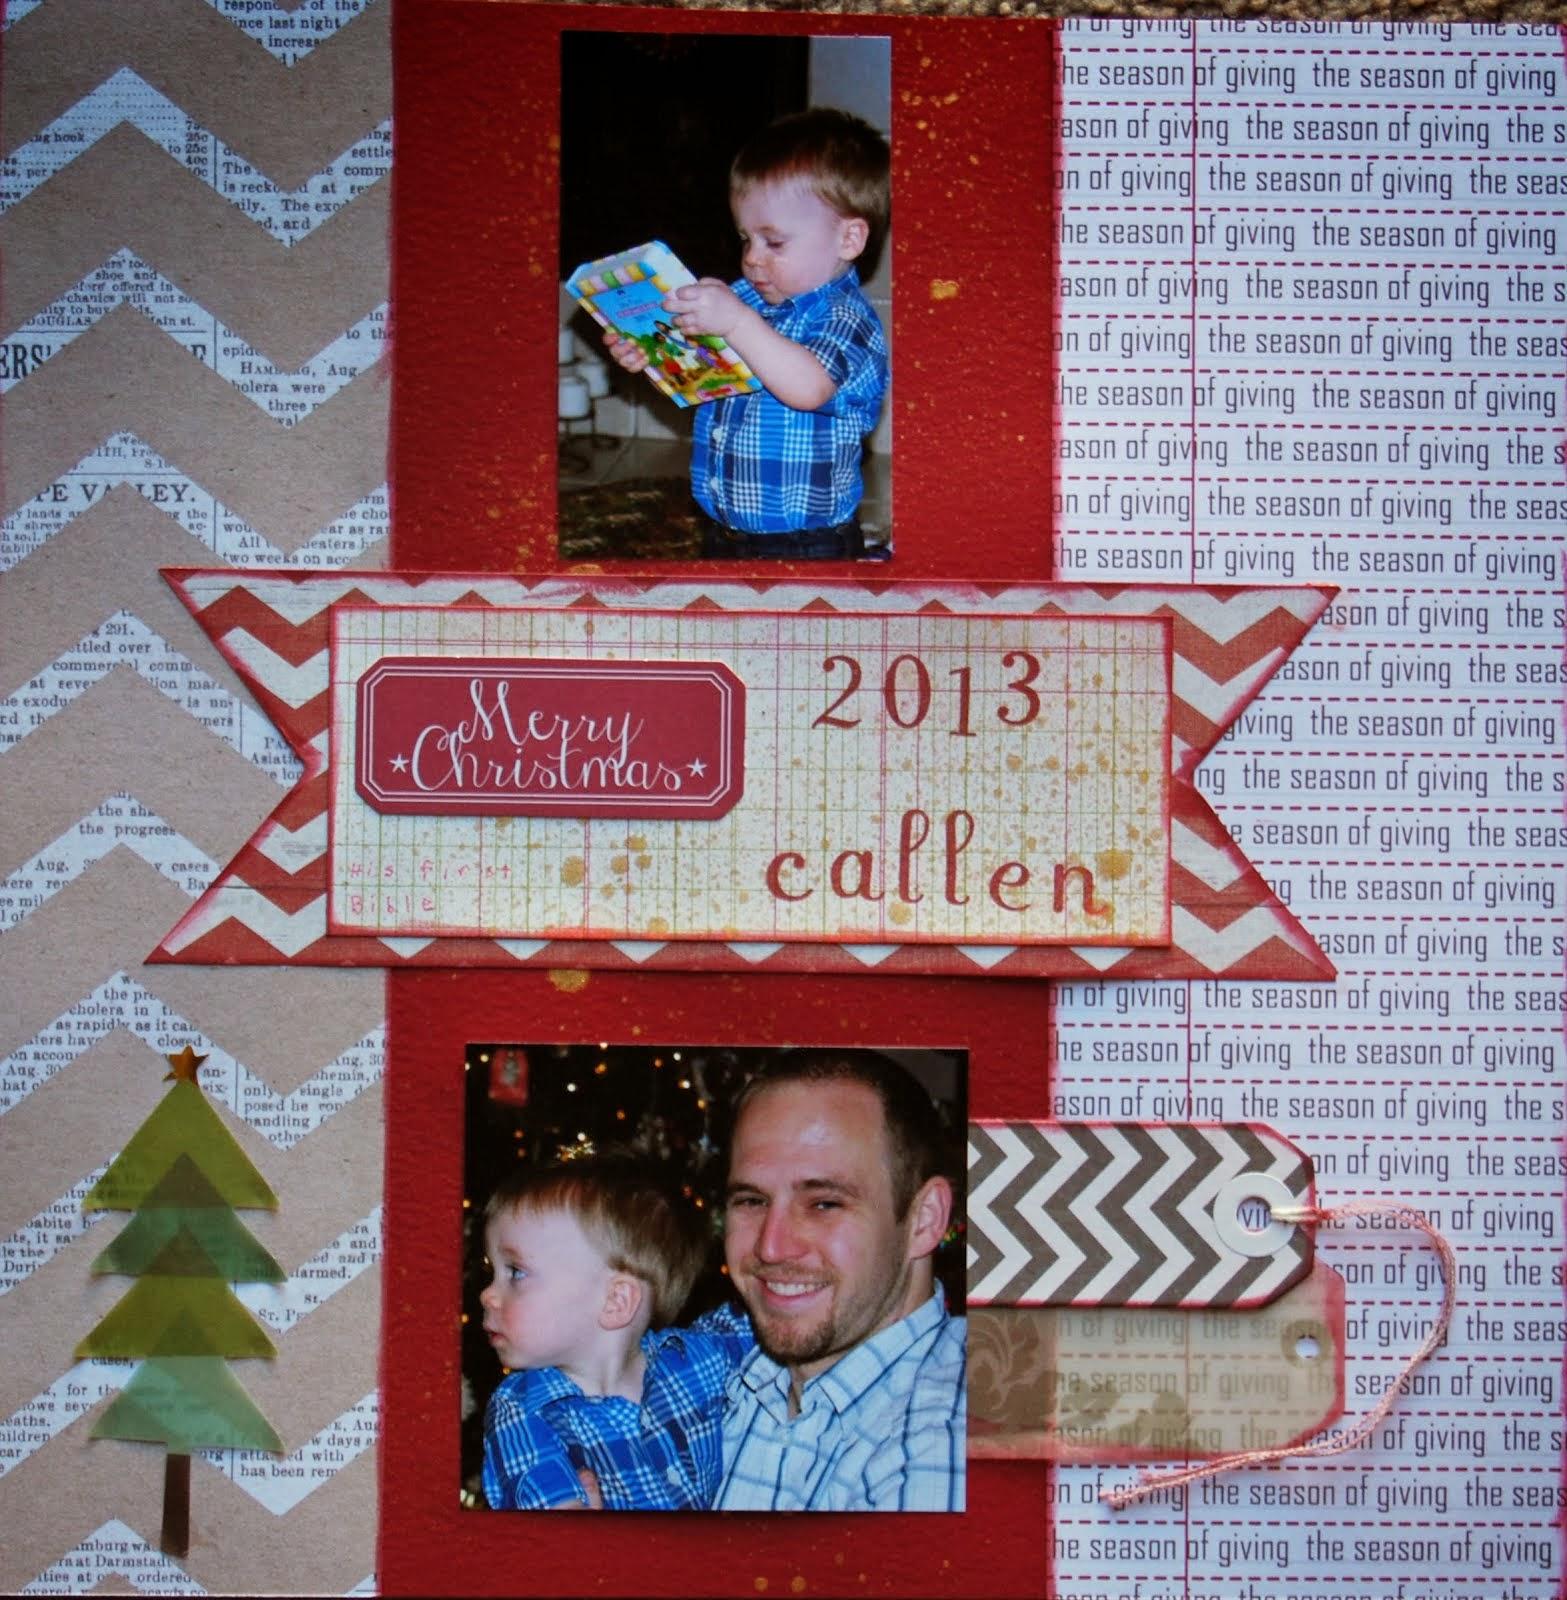 Callen's Christmas